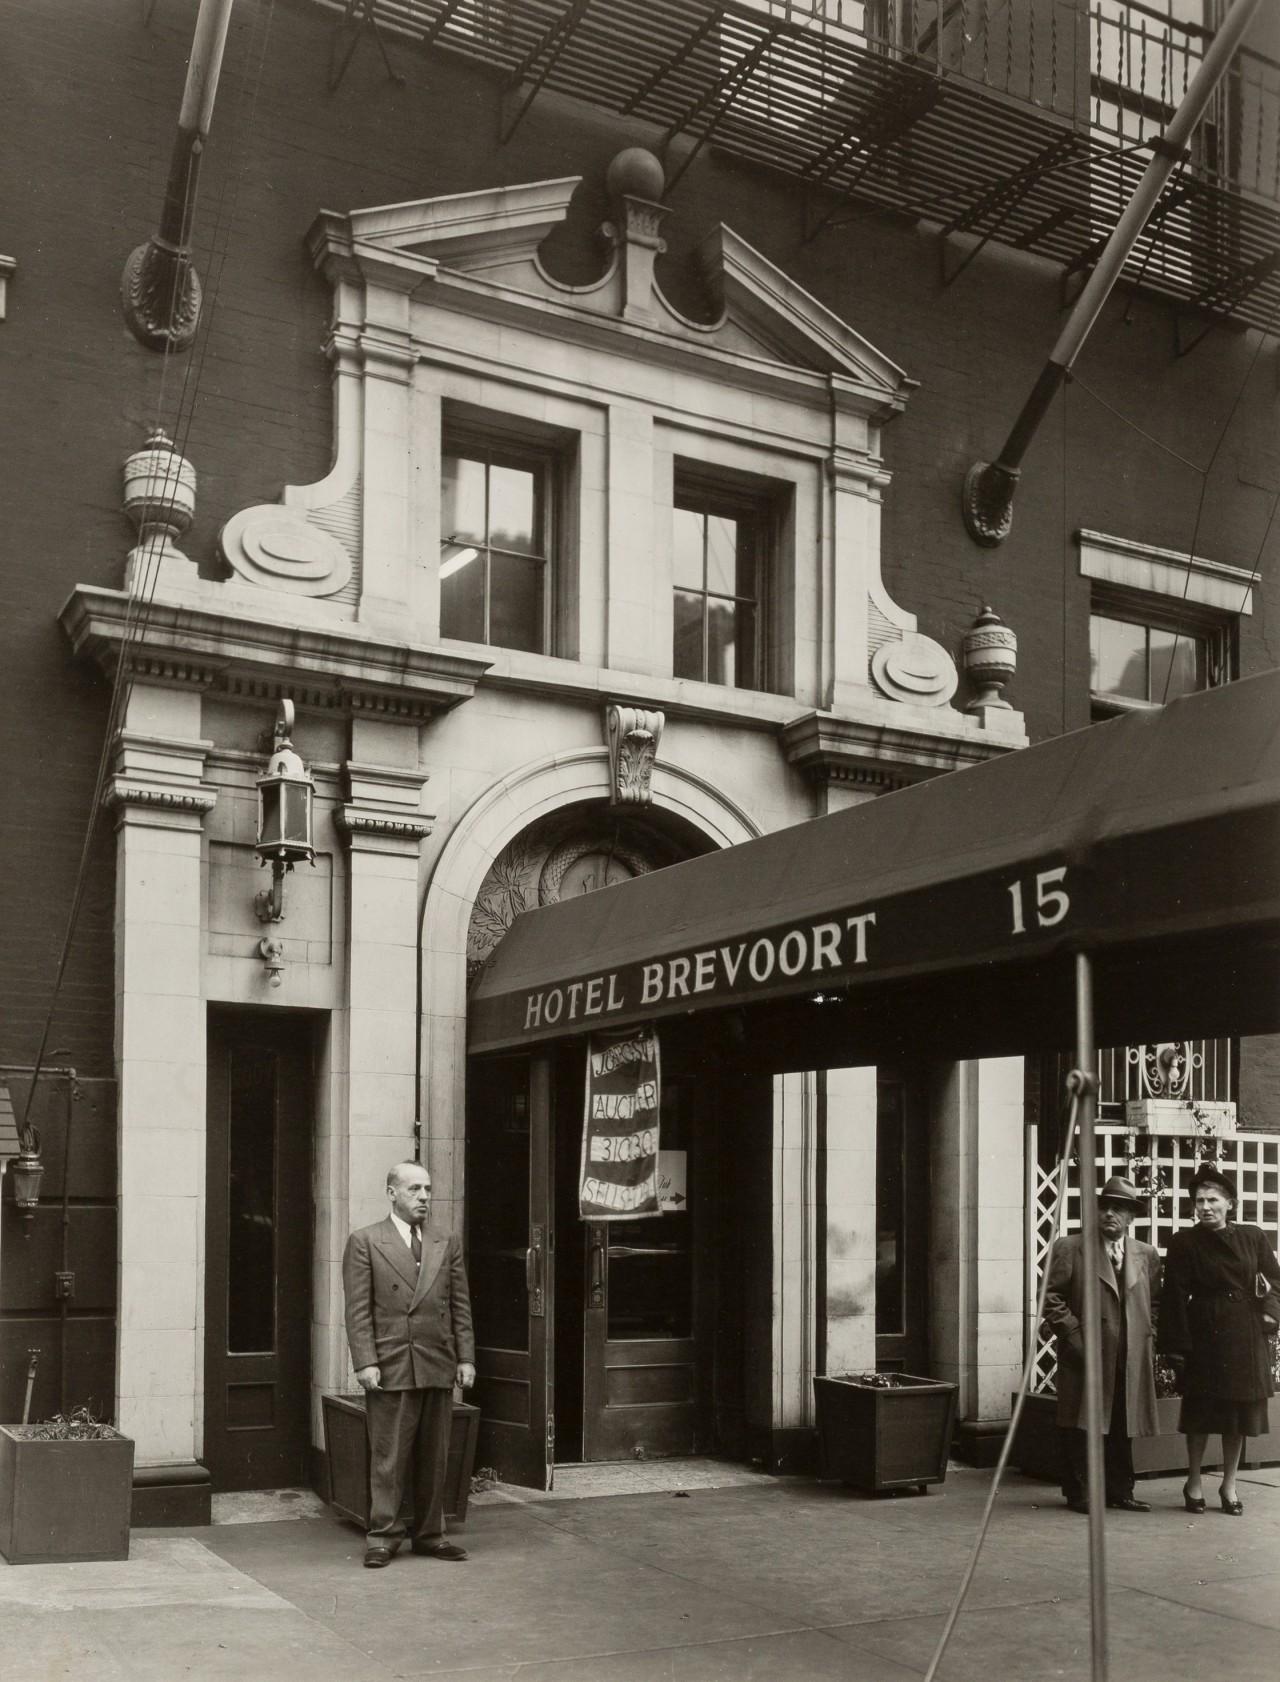 Отель Бреворт на 8-й улице, 24 октября 1935. Автор Беренис Эббот